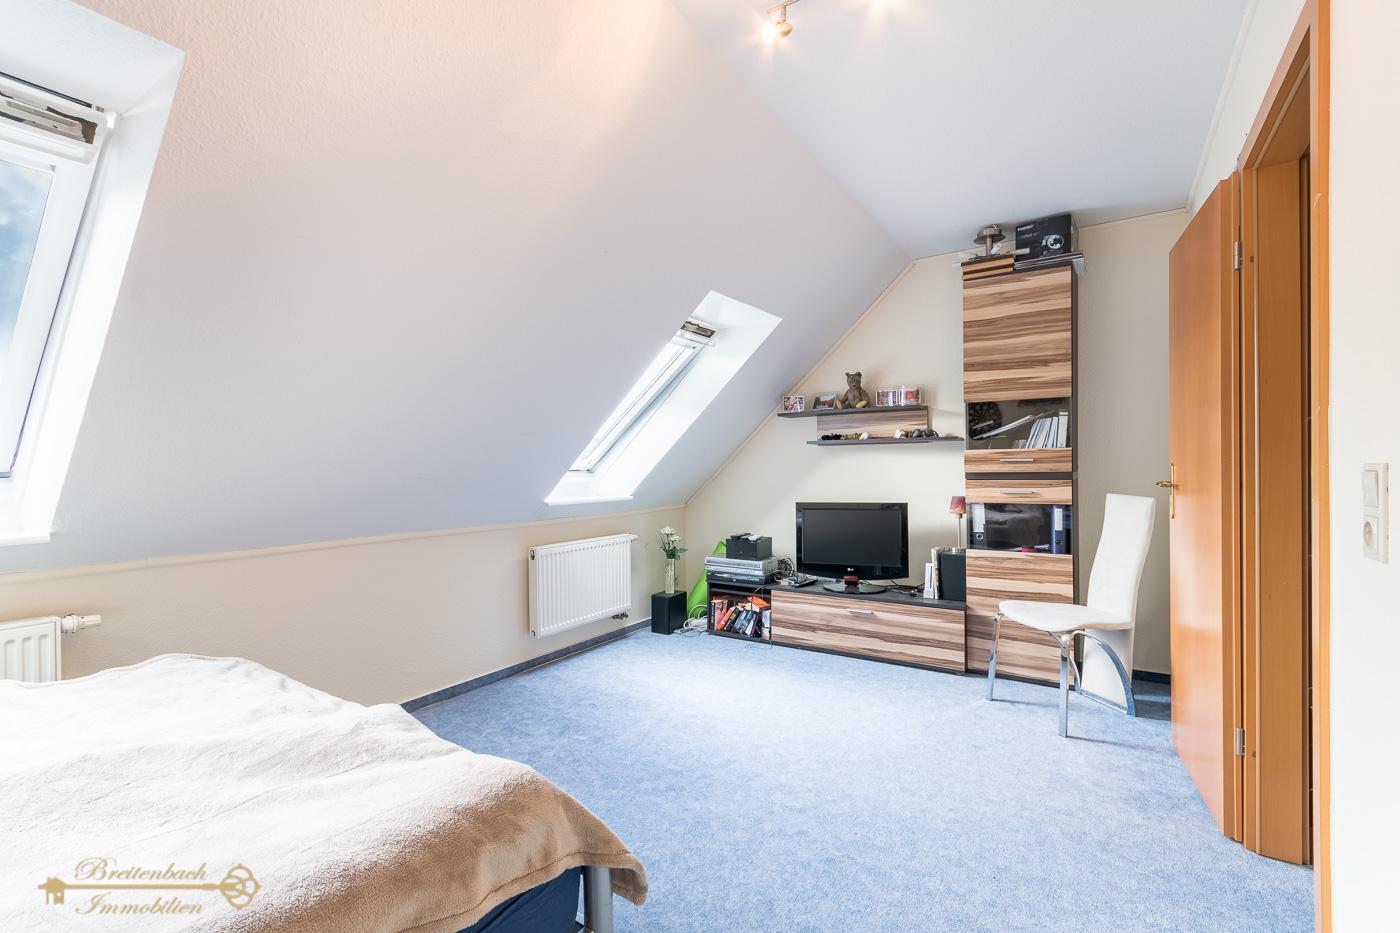 2019-09-08-Breitenbach-Immobilien-30